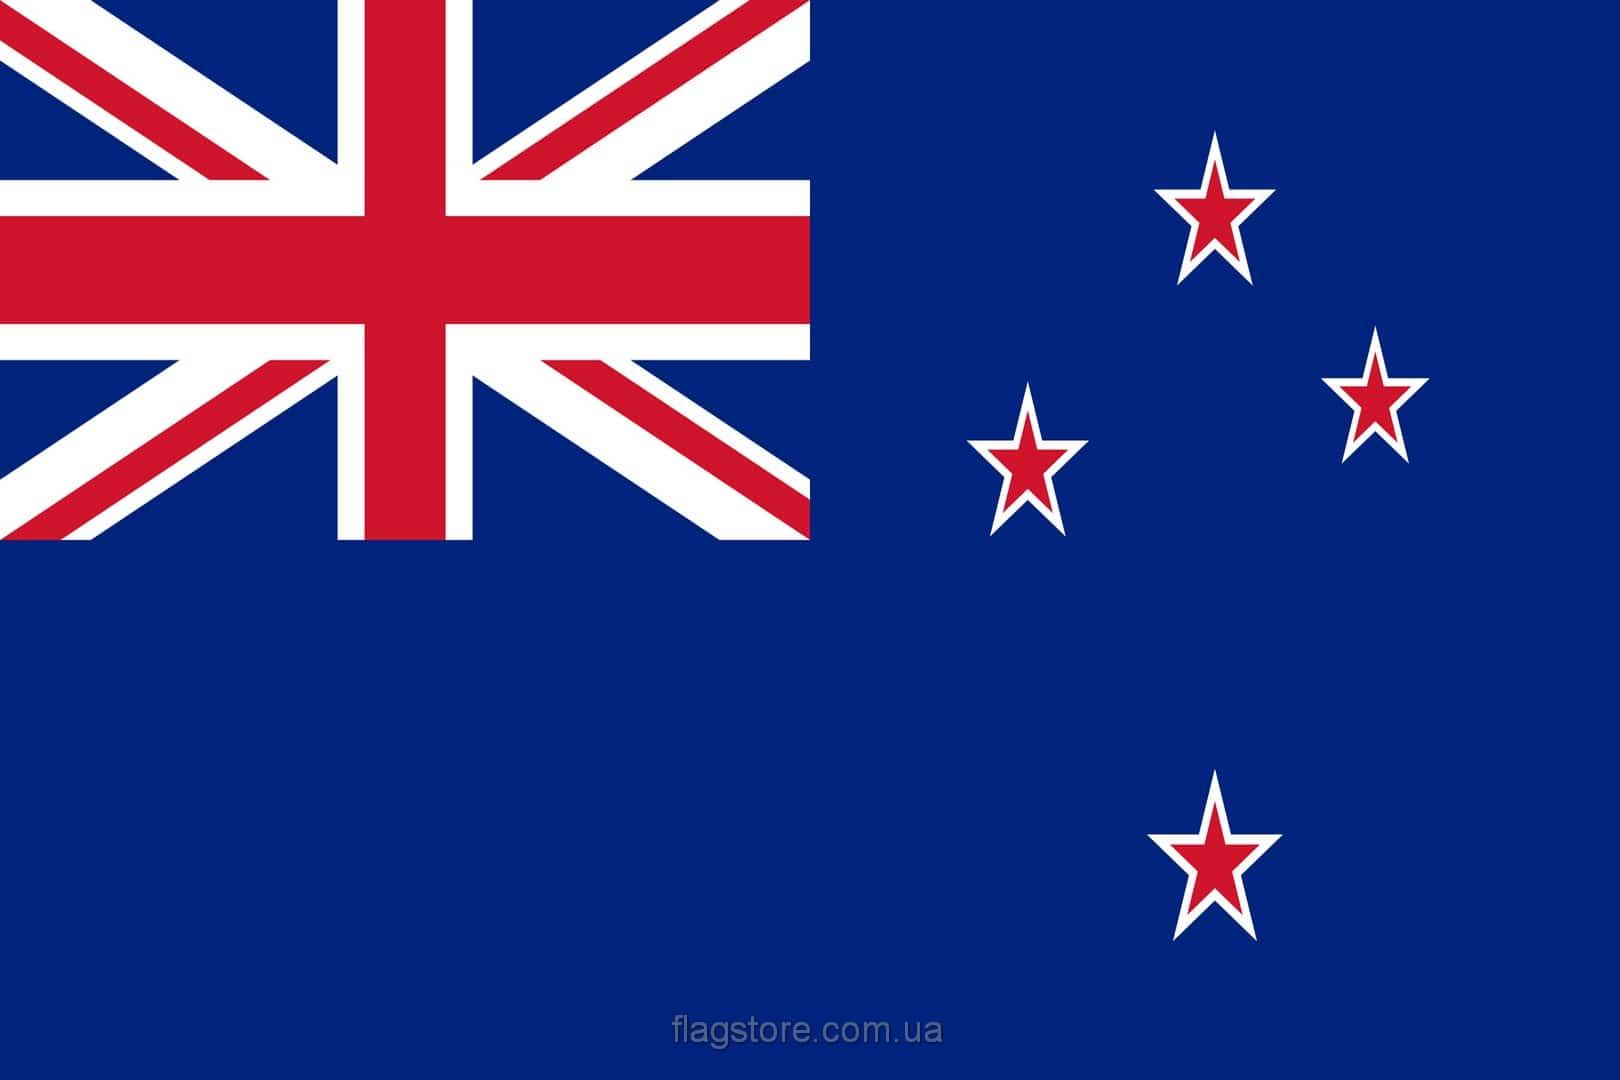 Купить флаг Новой Зеландии (страны Новая Зеландия)